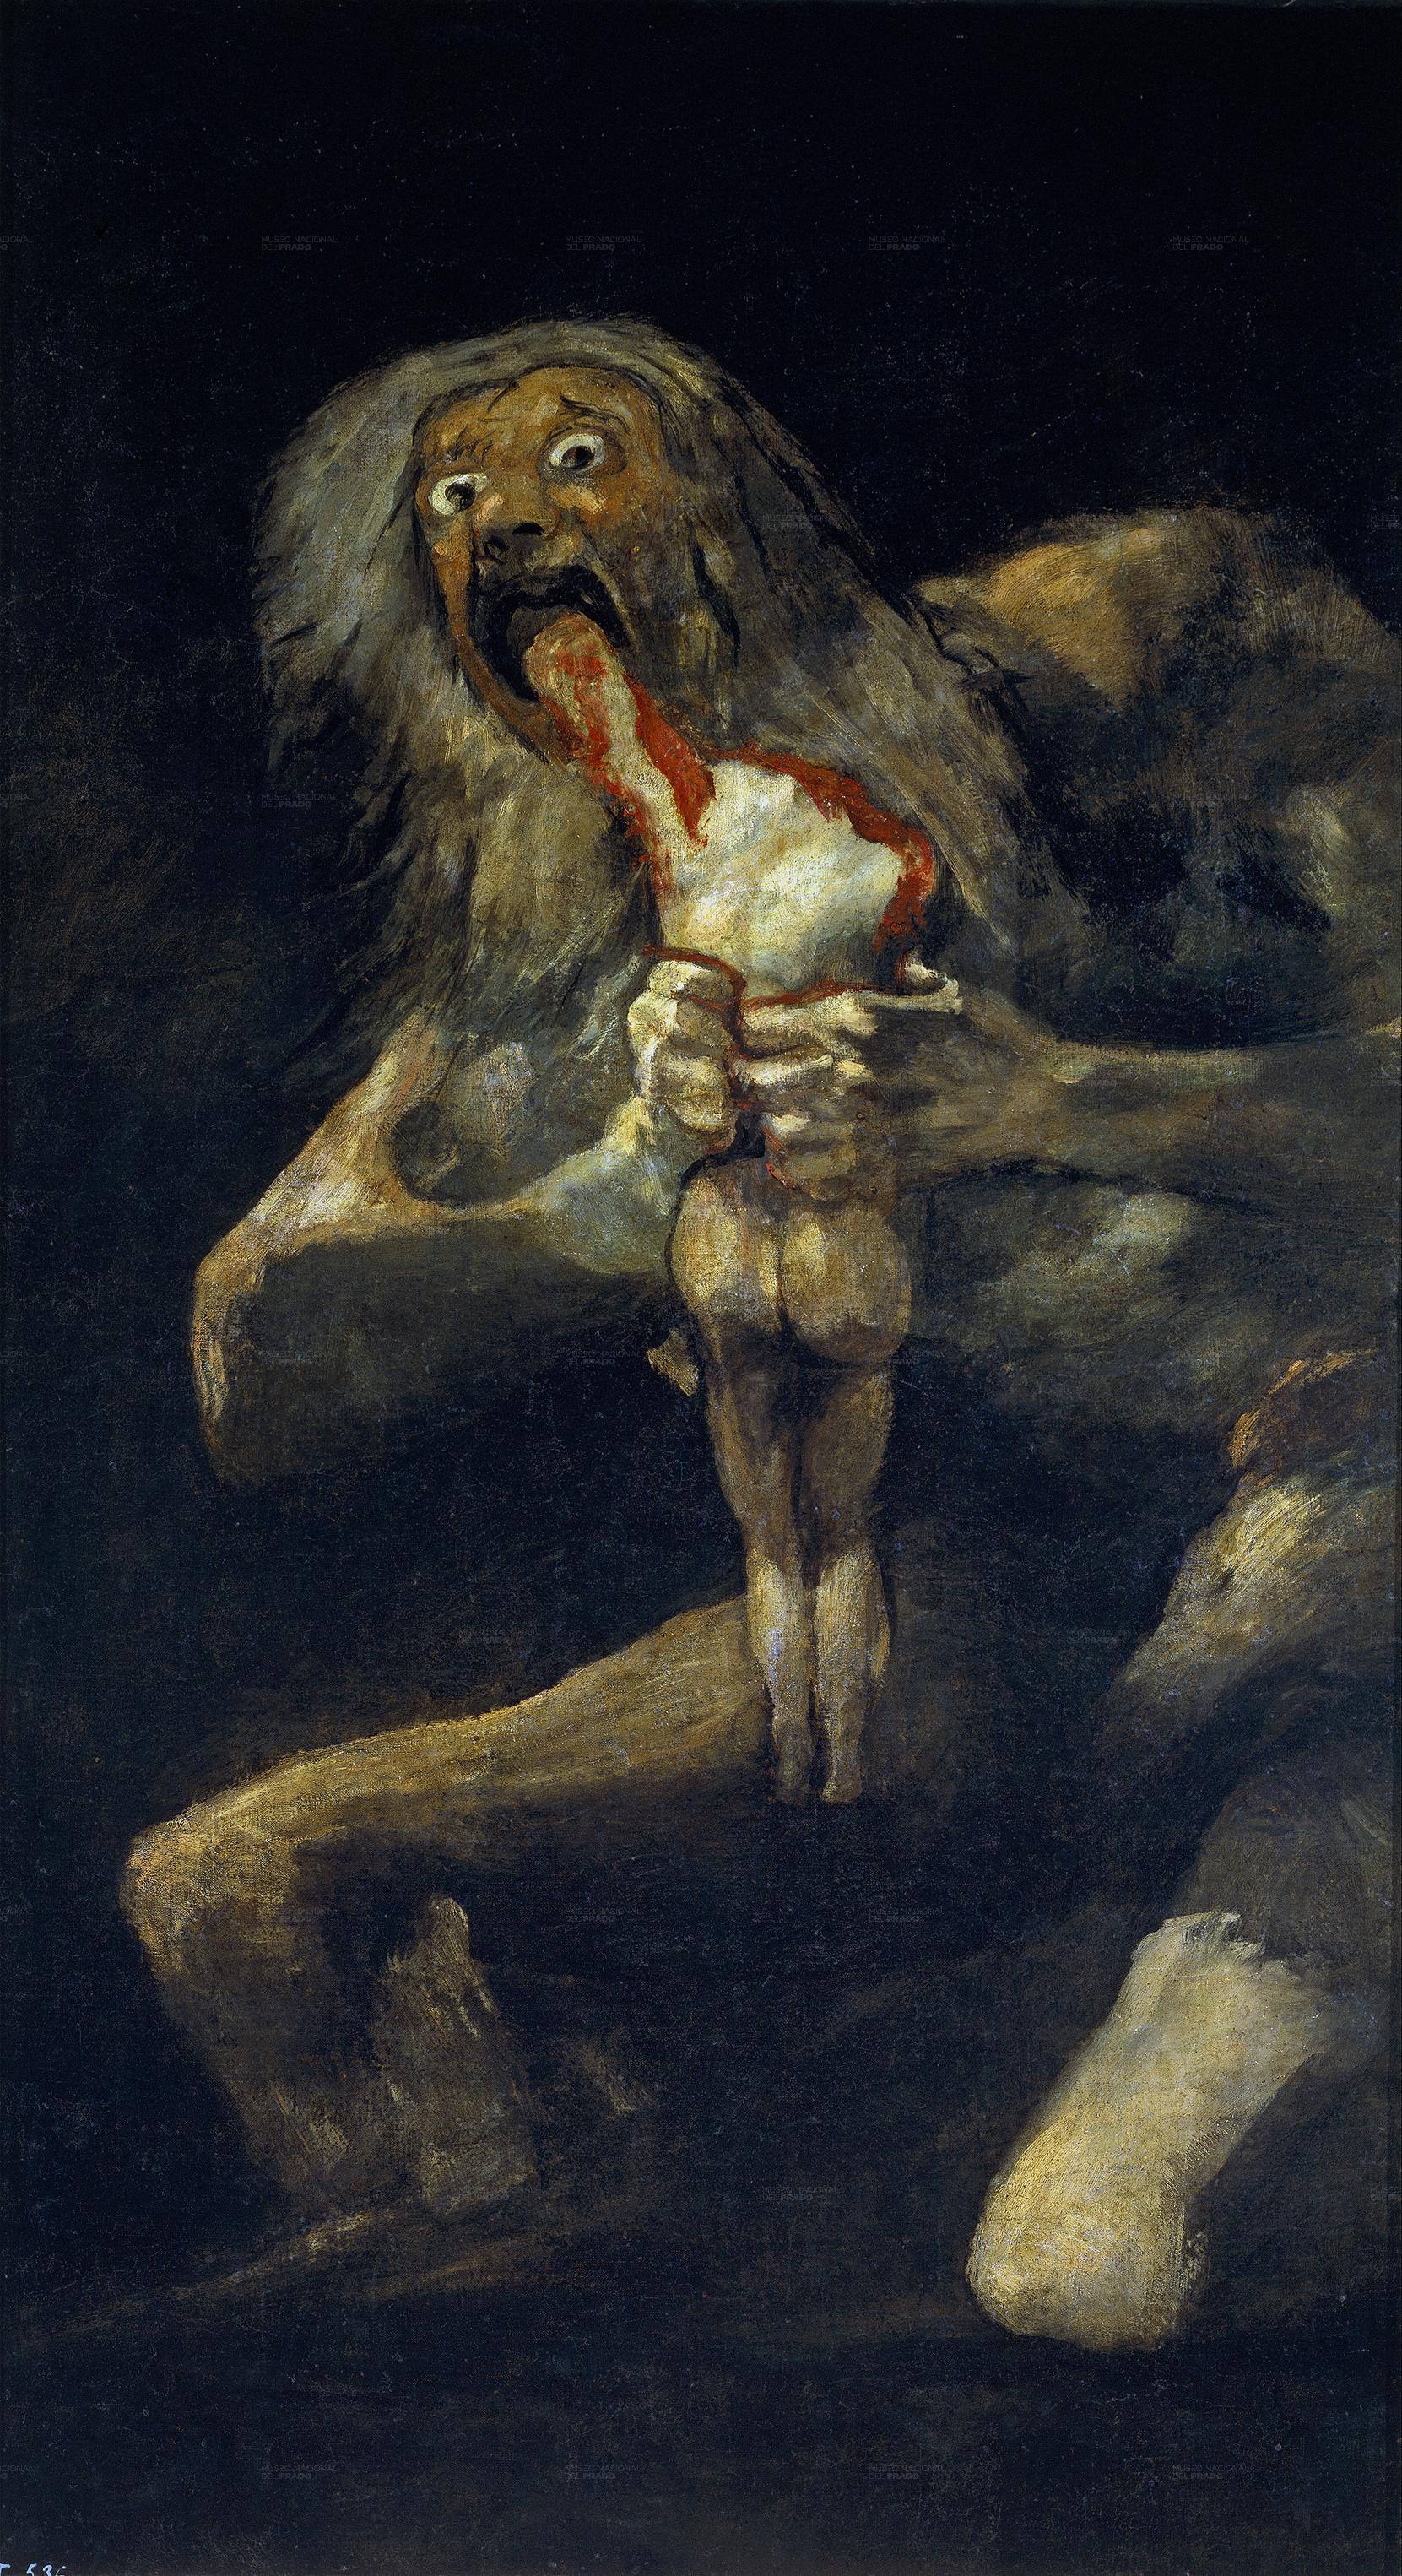 сатурн пожирающий своего сына